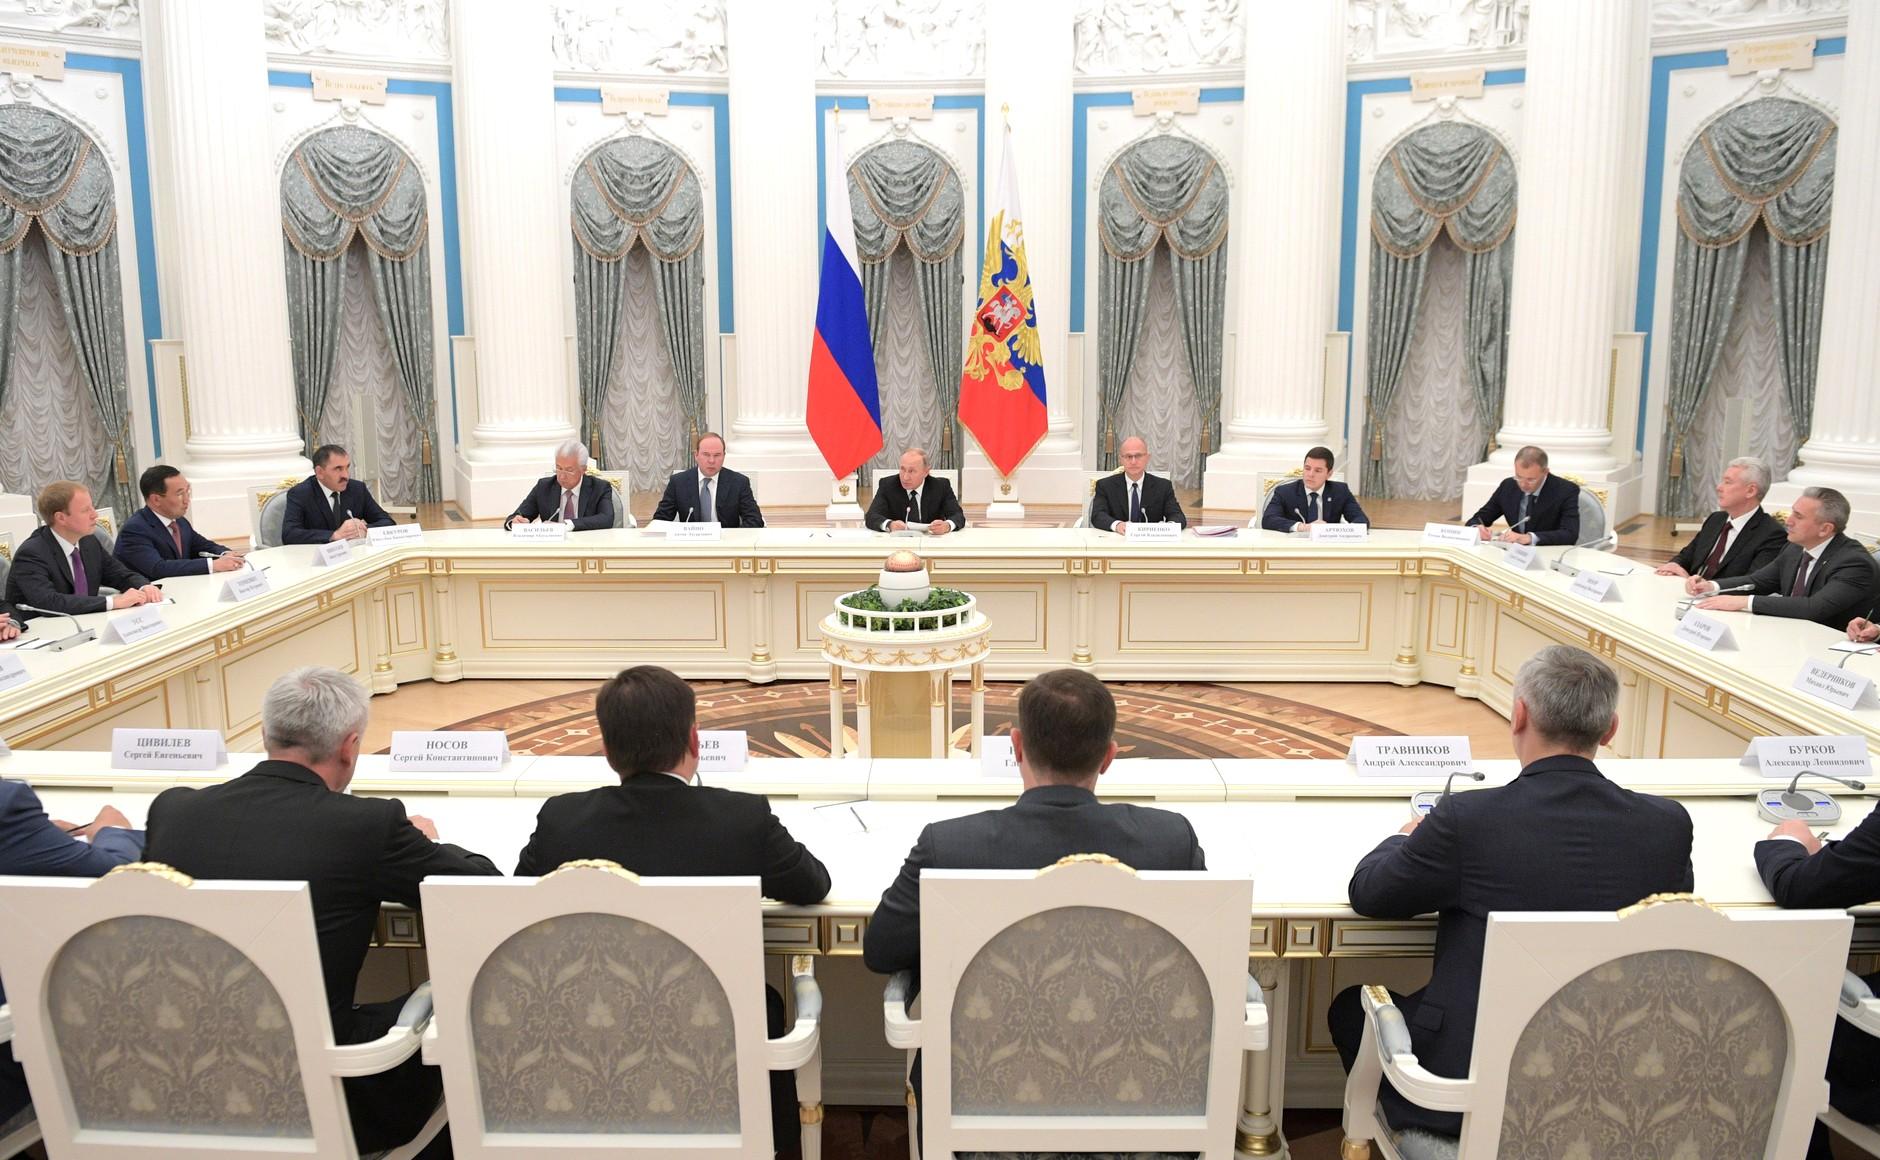 Айсен Николаев принял участие во встрече Владимира Путина с губернаторами, избранными в единый день голосования